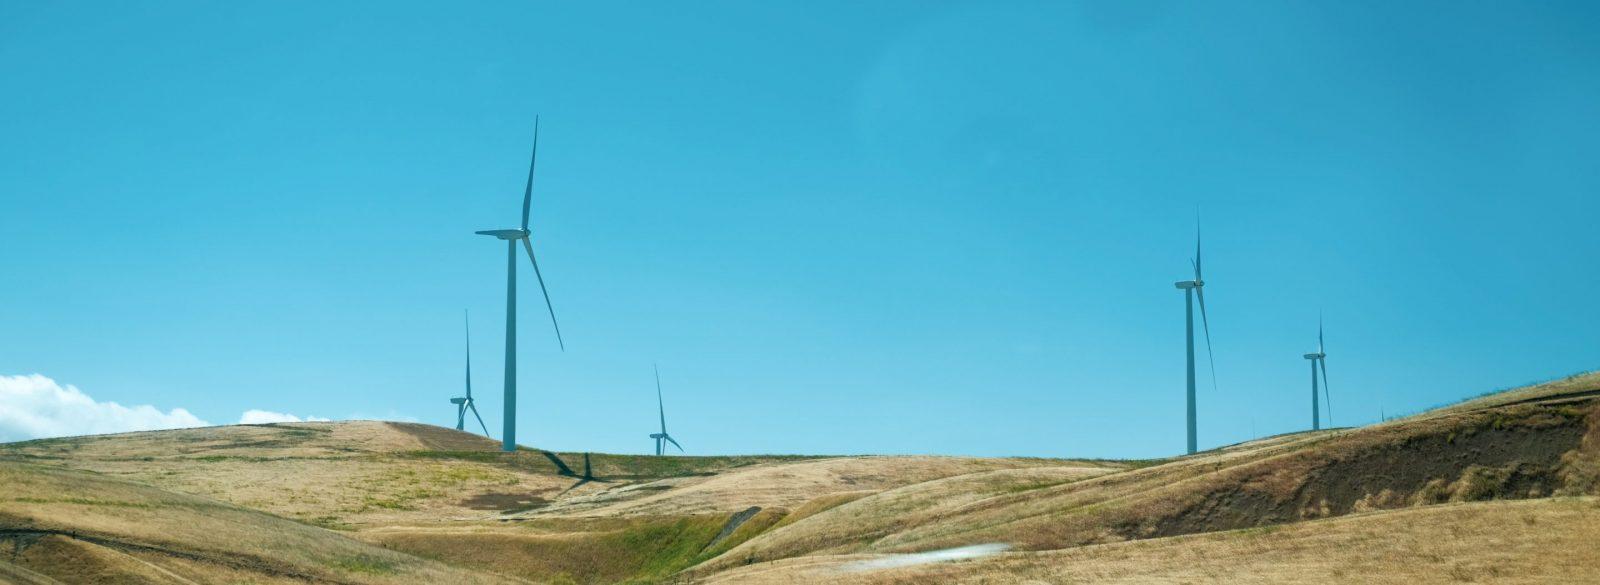 la france, un pays à potentiel pour la filière éolienne